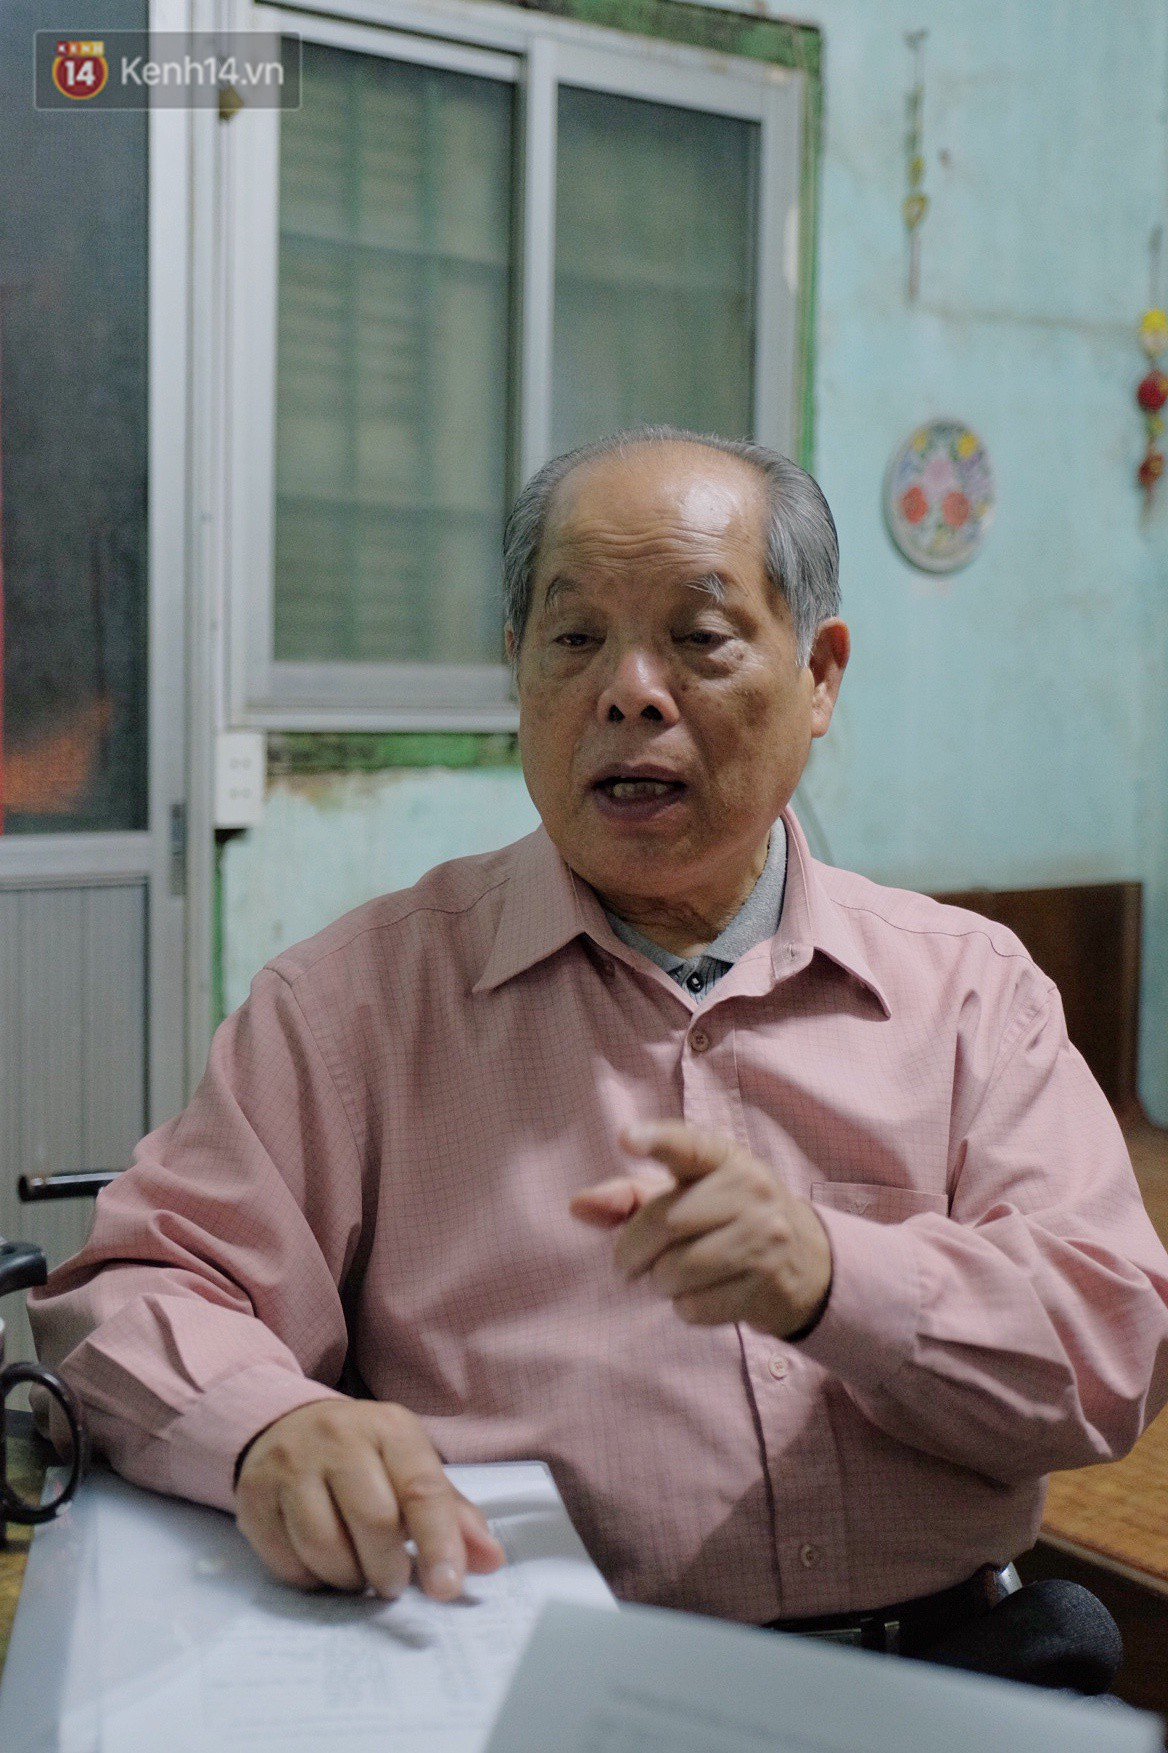 PGS.TS Bùi Hiền nói về phần 2 cải tiến tiếng Việt: Kuộk sốw gồm kí tự k (cờ) và w (ngờ), ghép lại vẫn đọc là cuộc sống thôi! - Ảnh 1.